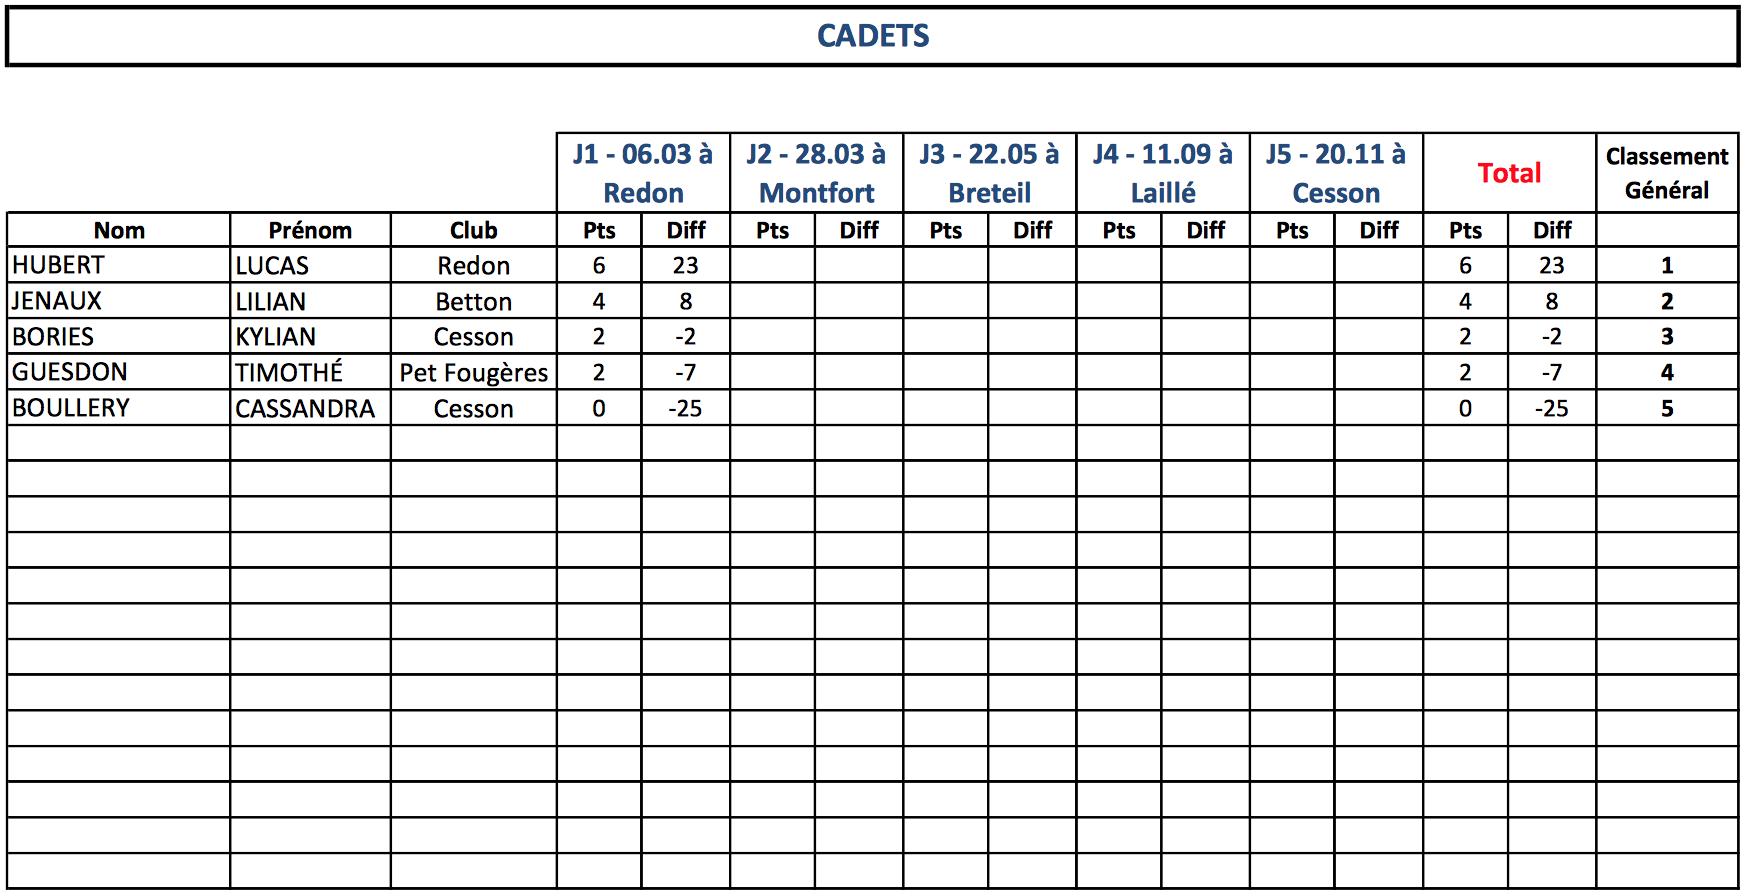 Classement Cadets